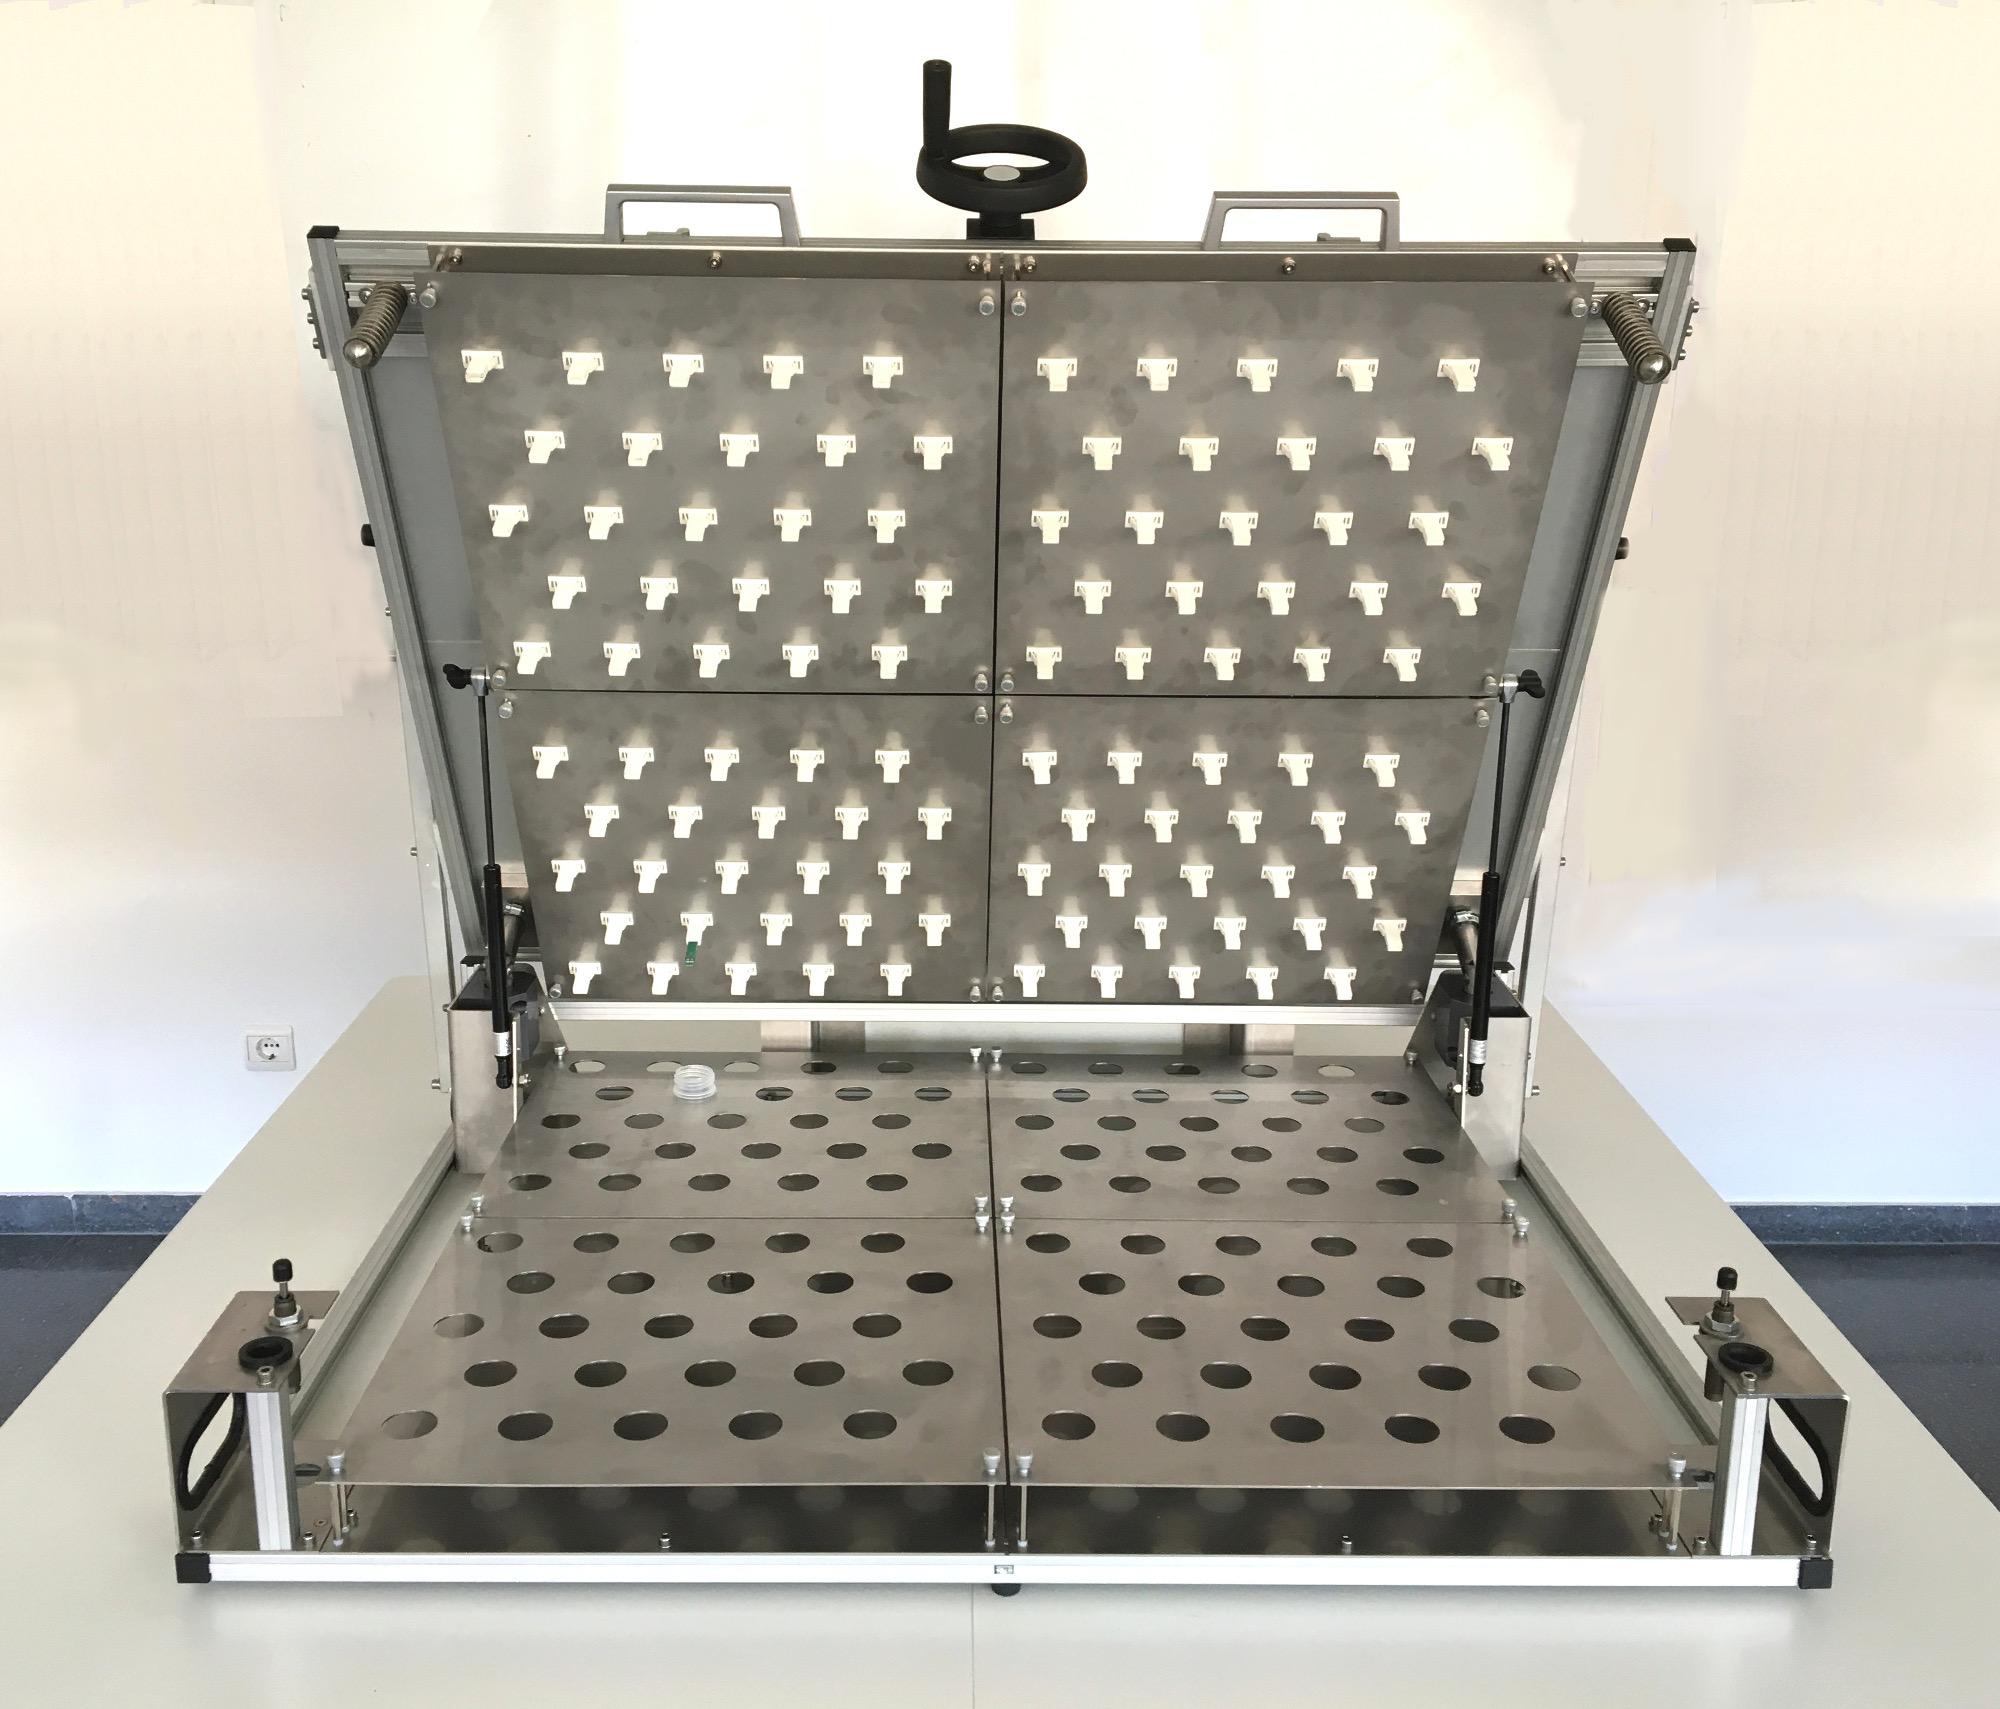 DEVICARE Test Bench - Conoce como ayudamos a optimizar el test de dispositivos de diagnóstico médico